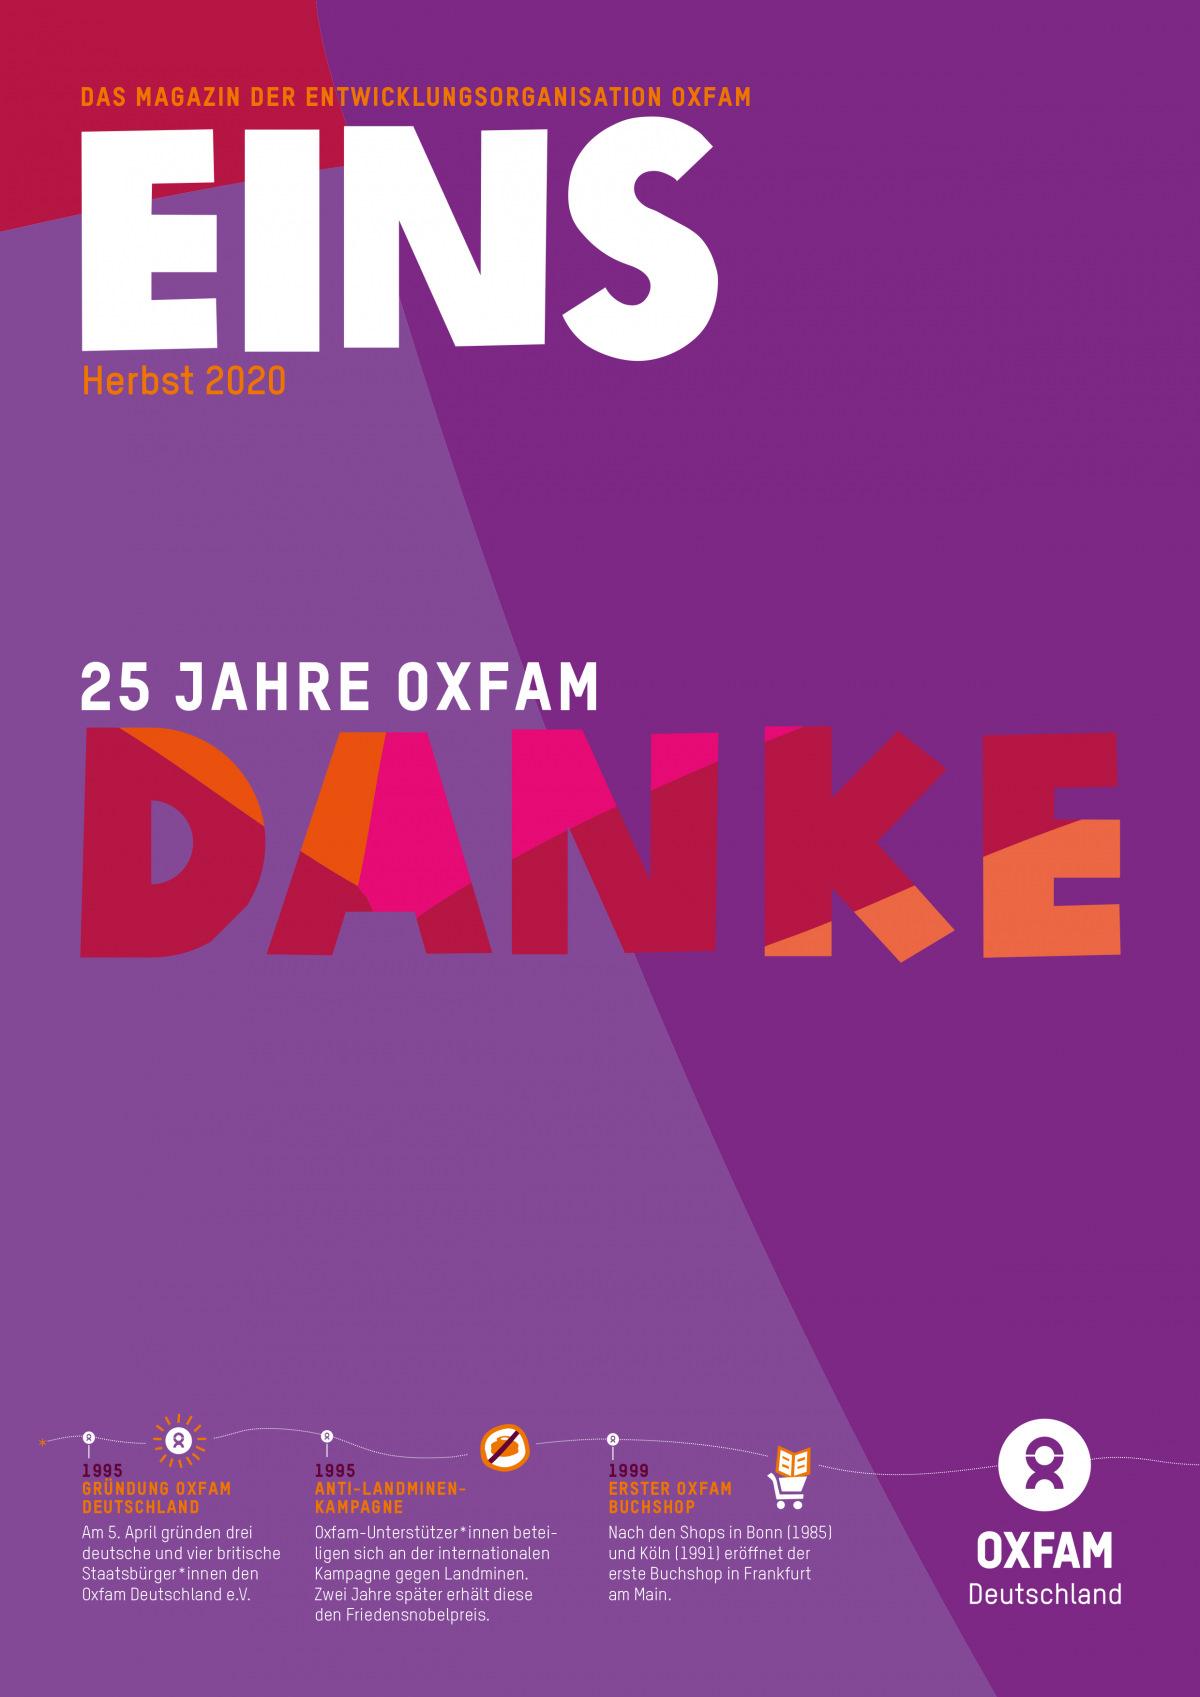 Herbstausgabe der EINS 2020: Titelbild der Jubiläumsausgabe